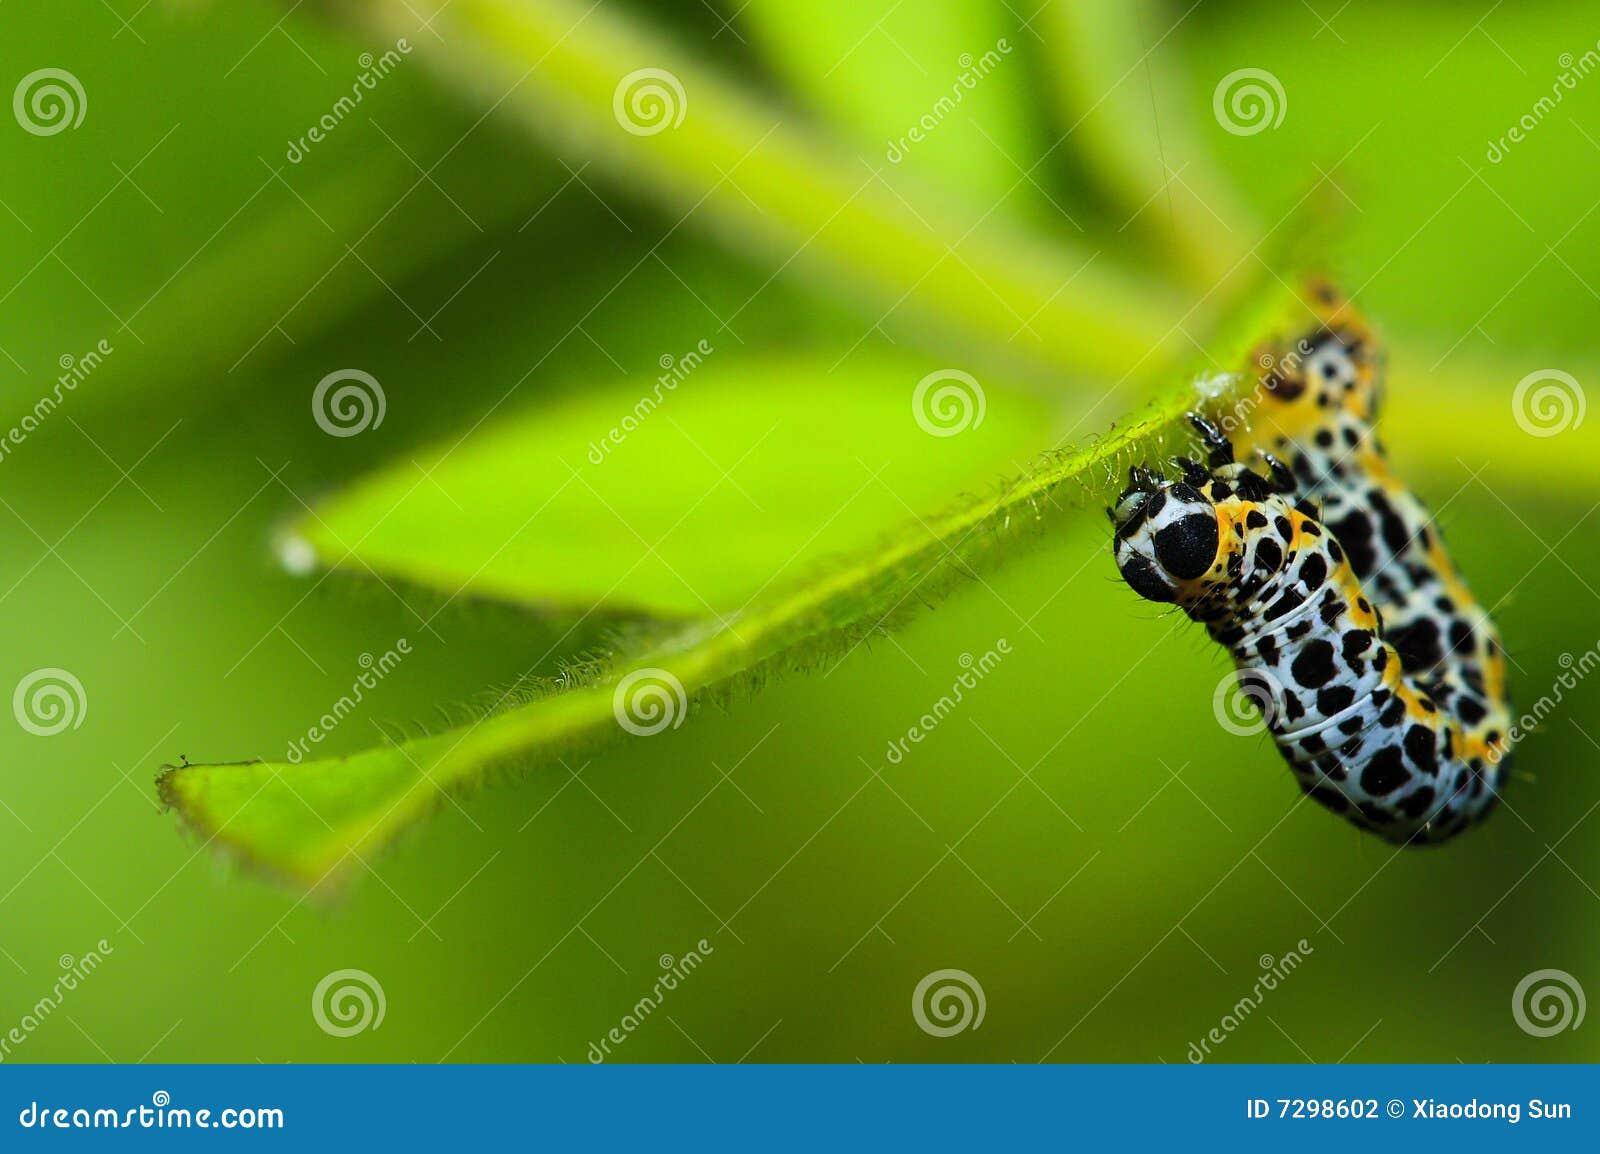 Macro caterpillar creeping